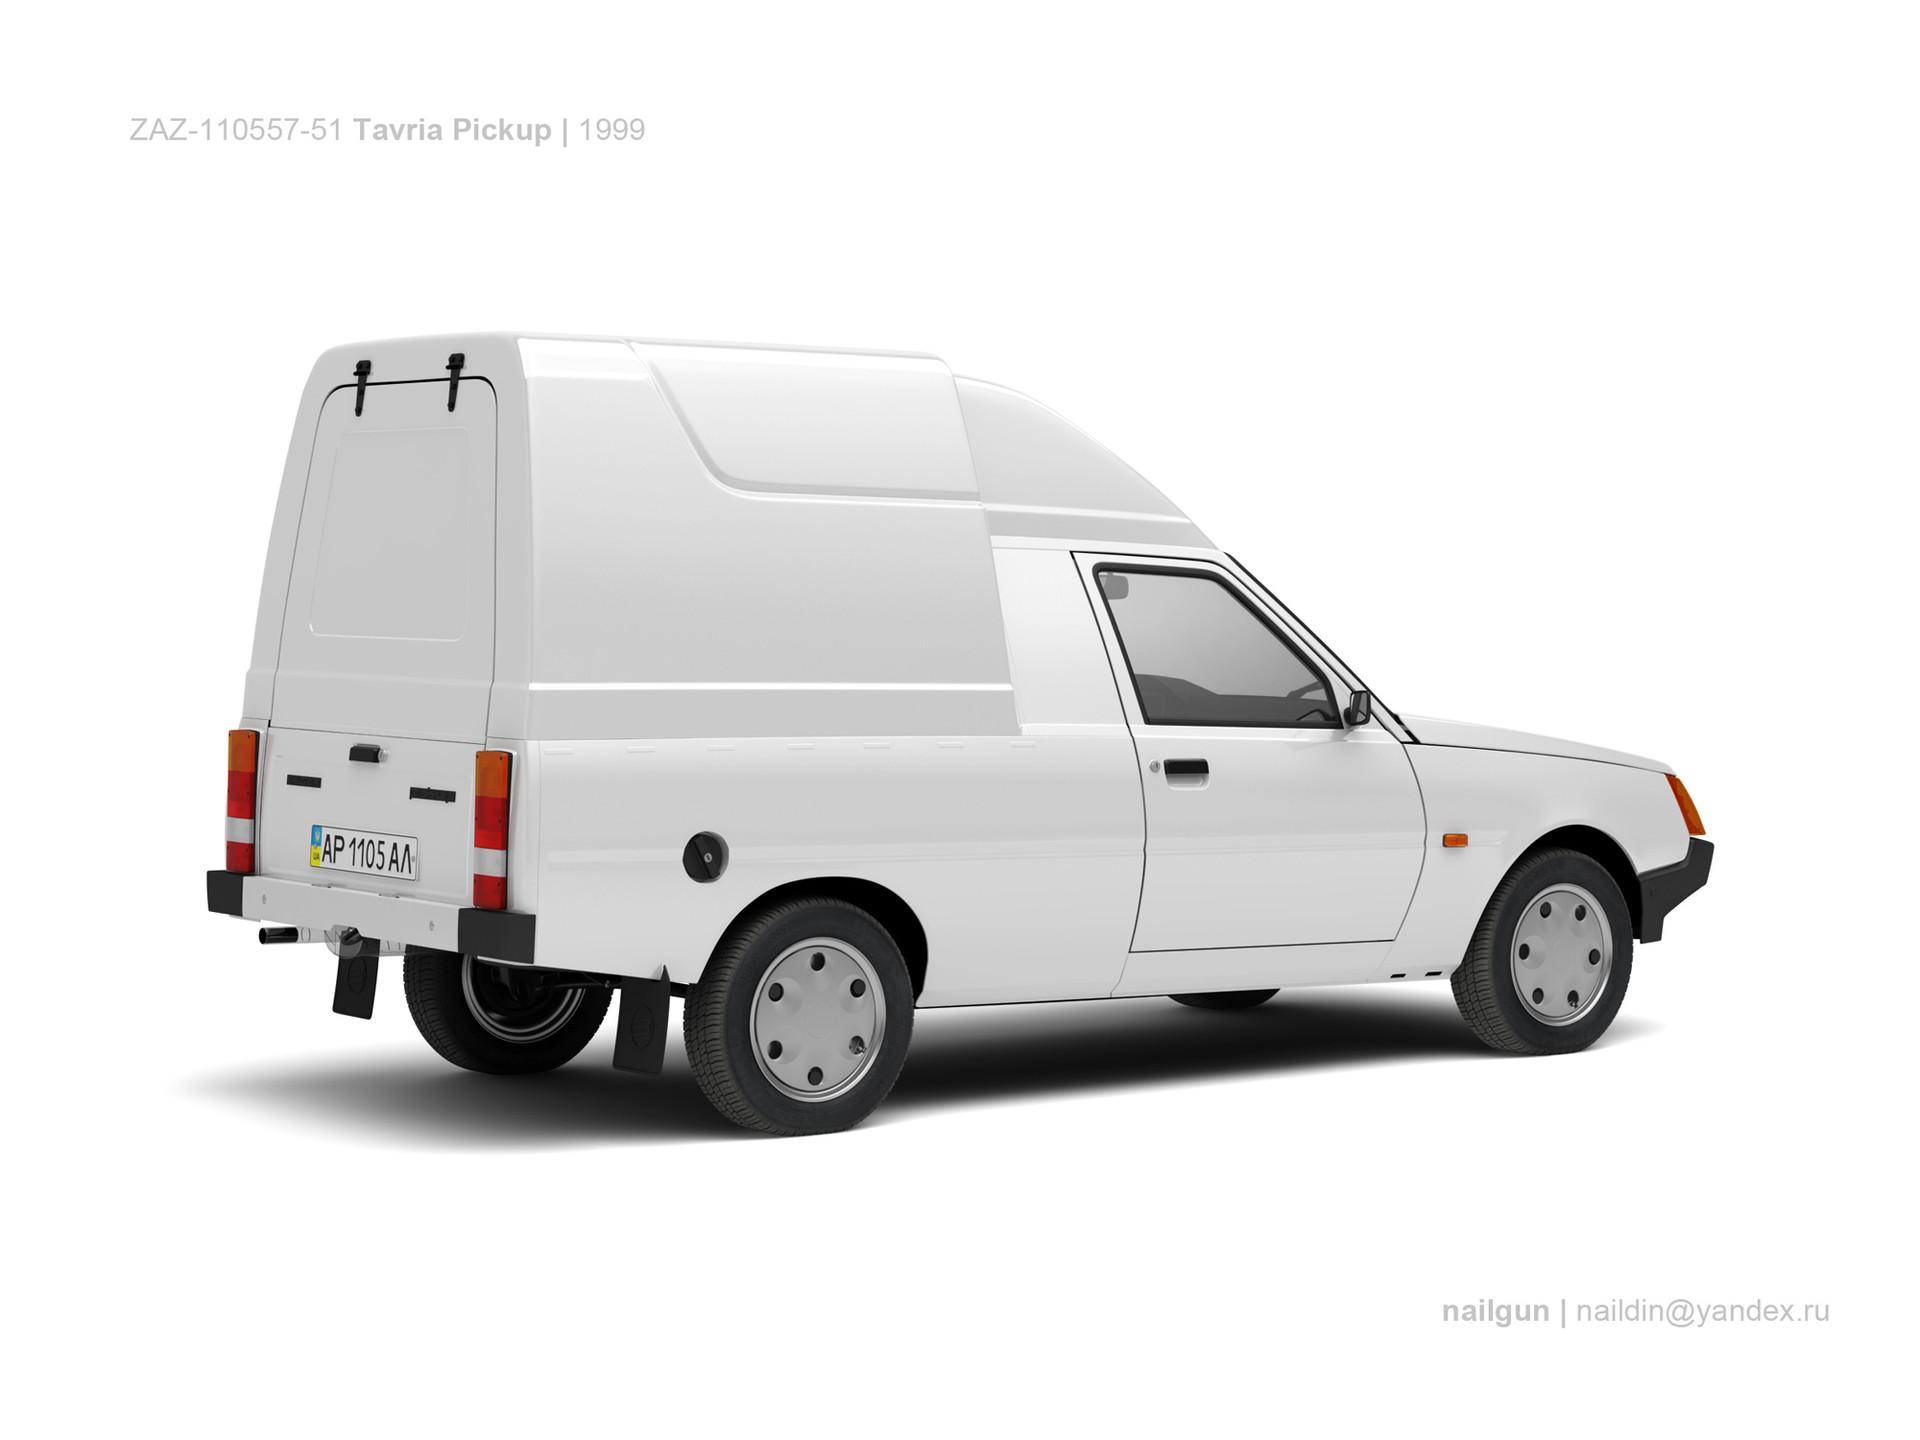 Nail khusnutdinov ukraine zaz 110557 51 tavria pickup 1